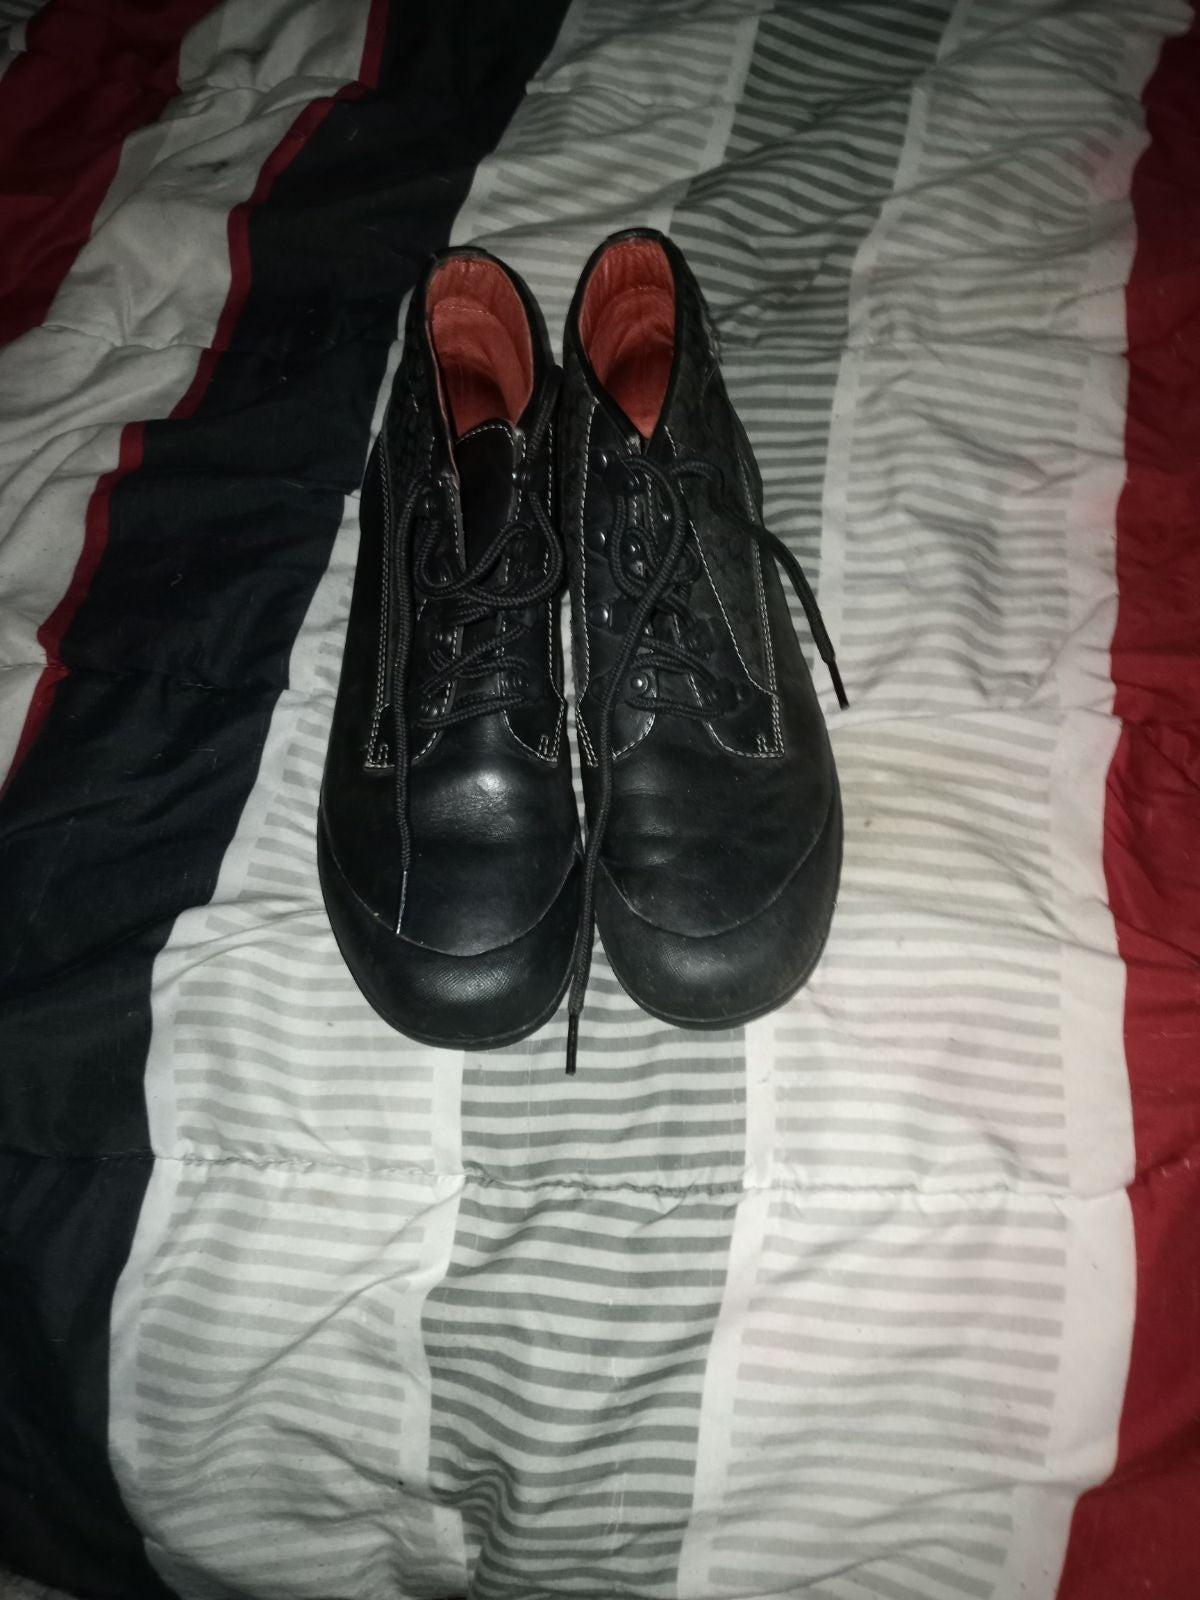 8m Coach Shoes